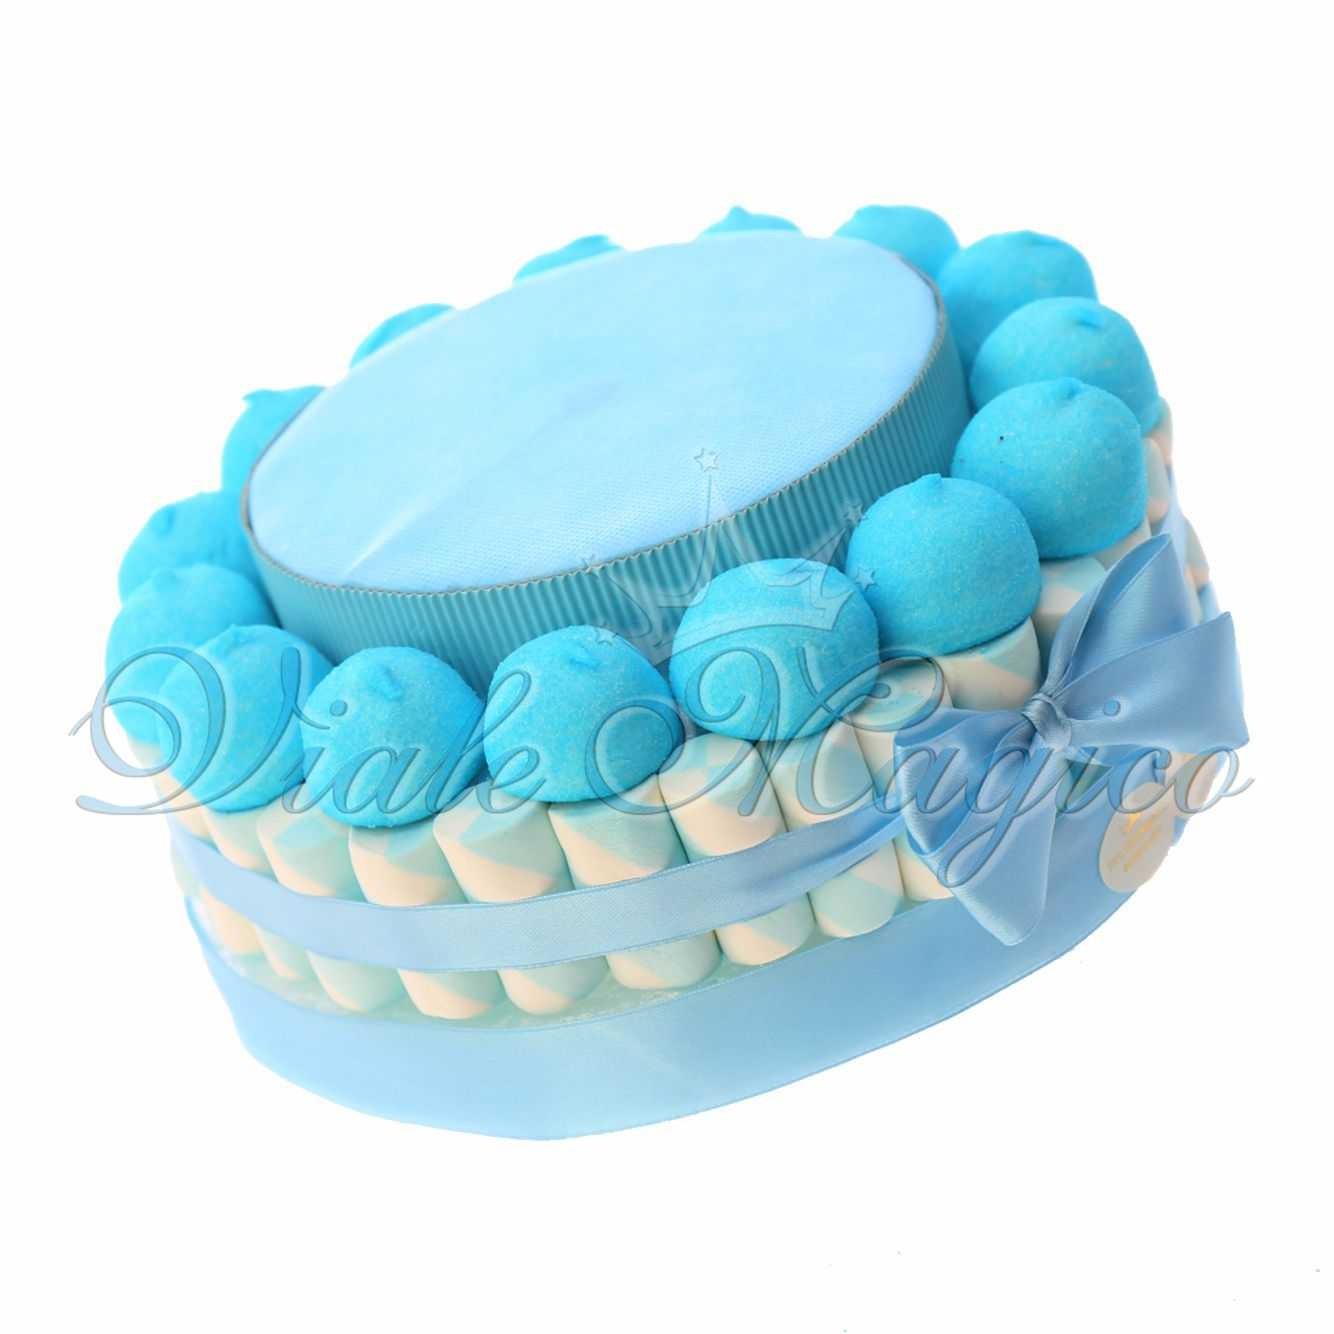 Favoloso Torte Caramelle Marshmallow Caramellata Confettata Economiche Offerte ZV35